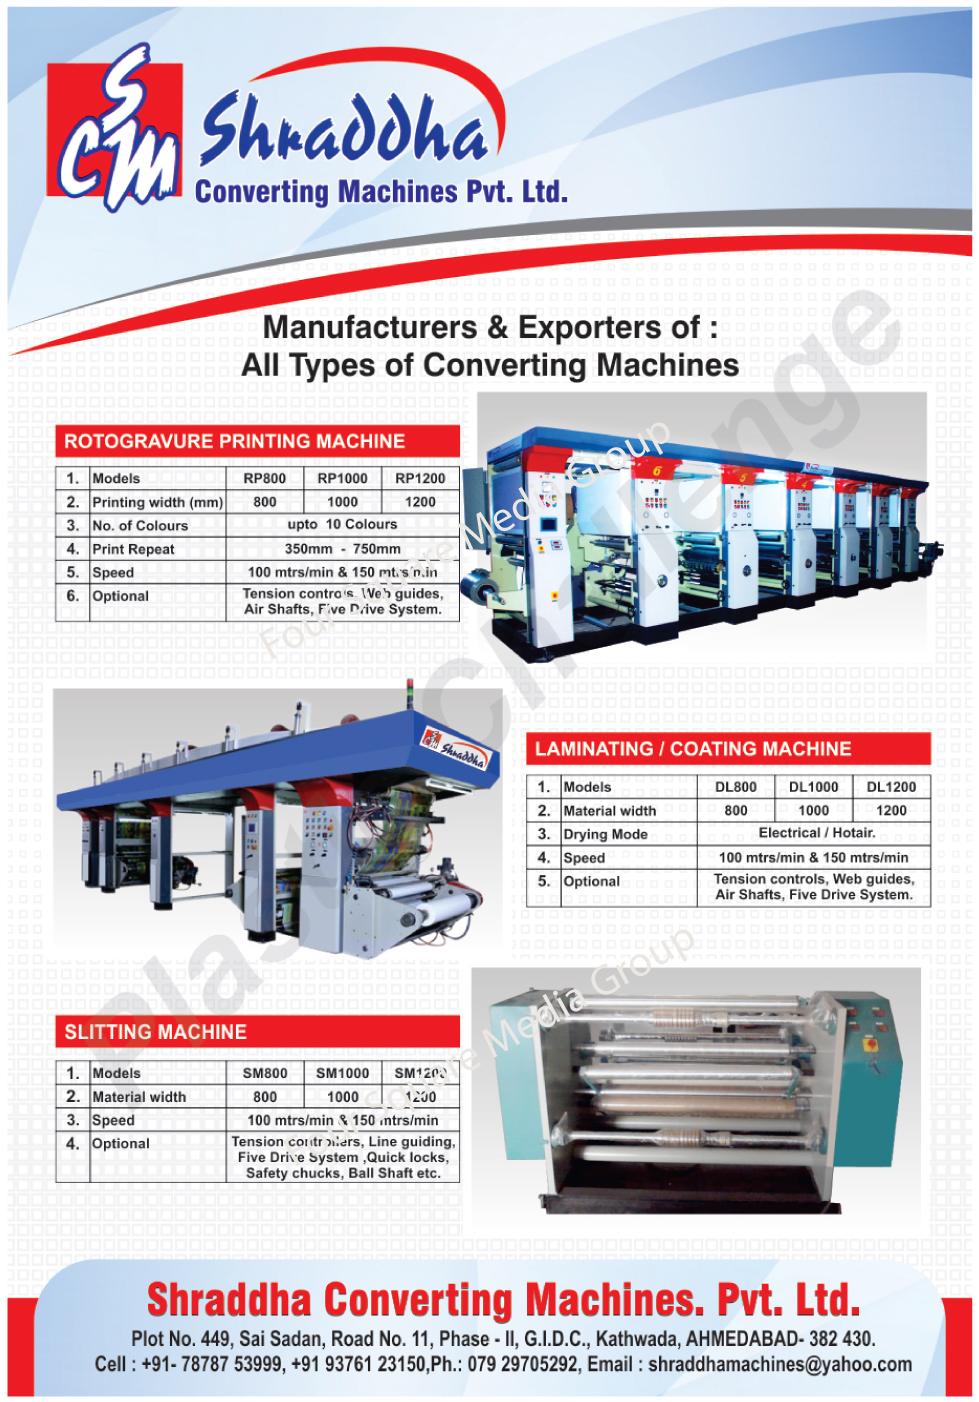 Converting Machines, Rotogravure Printing Machines, Lamination Machines, Coating Machines, Slitting Machines